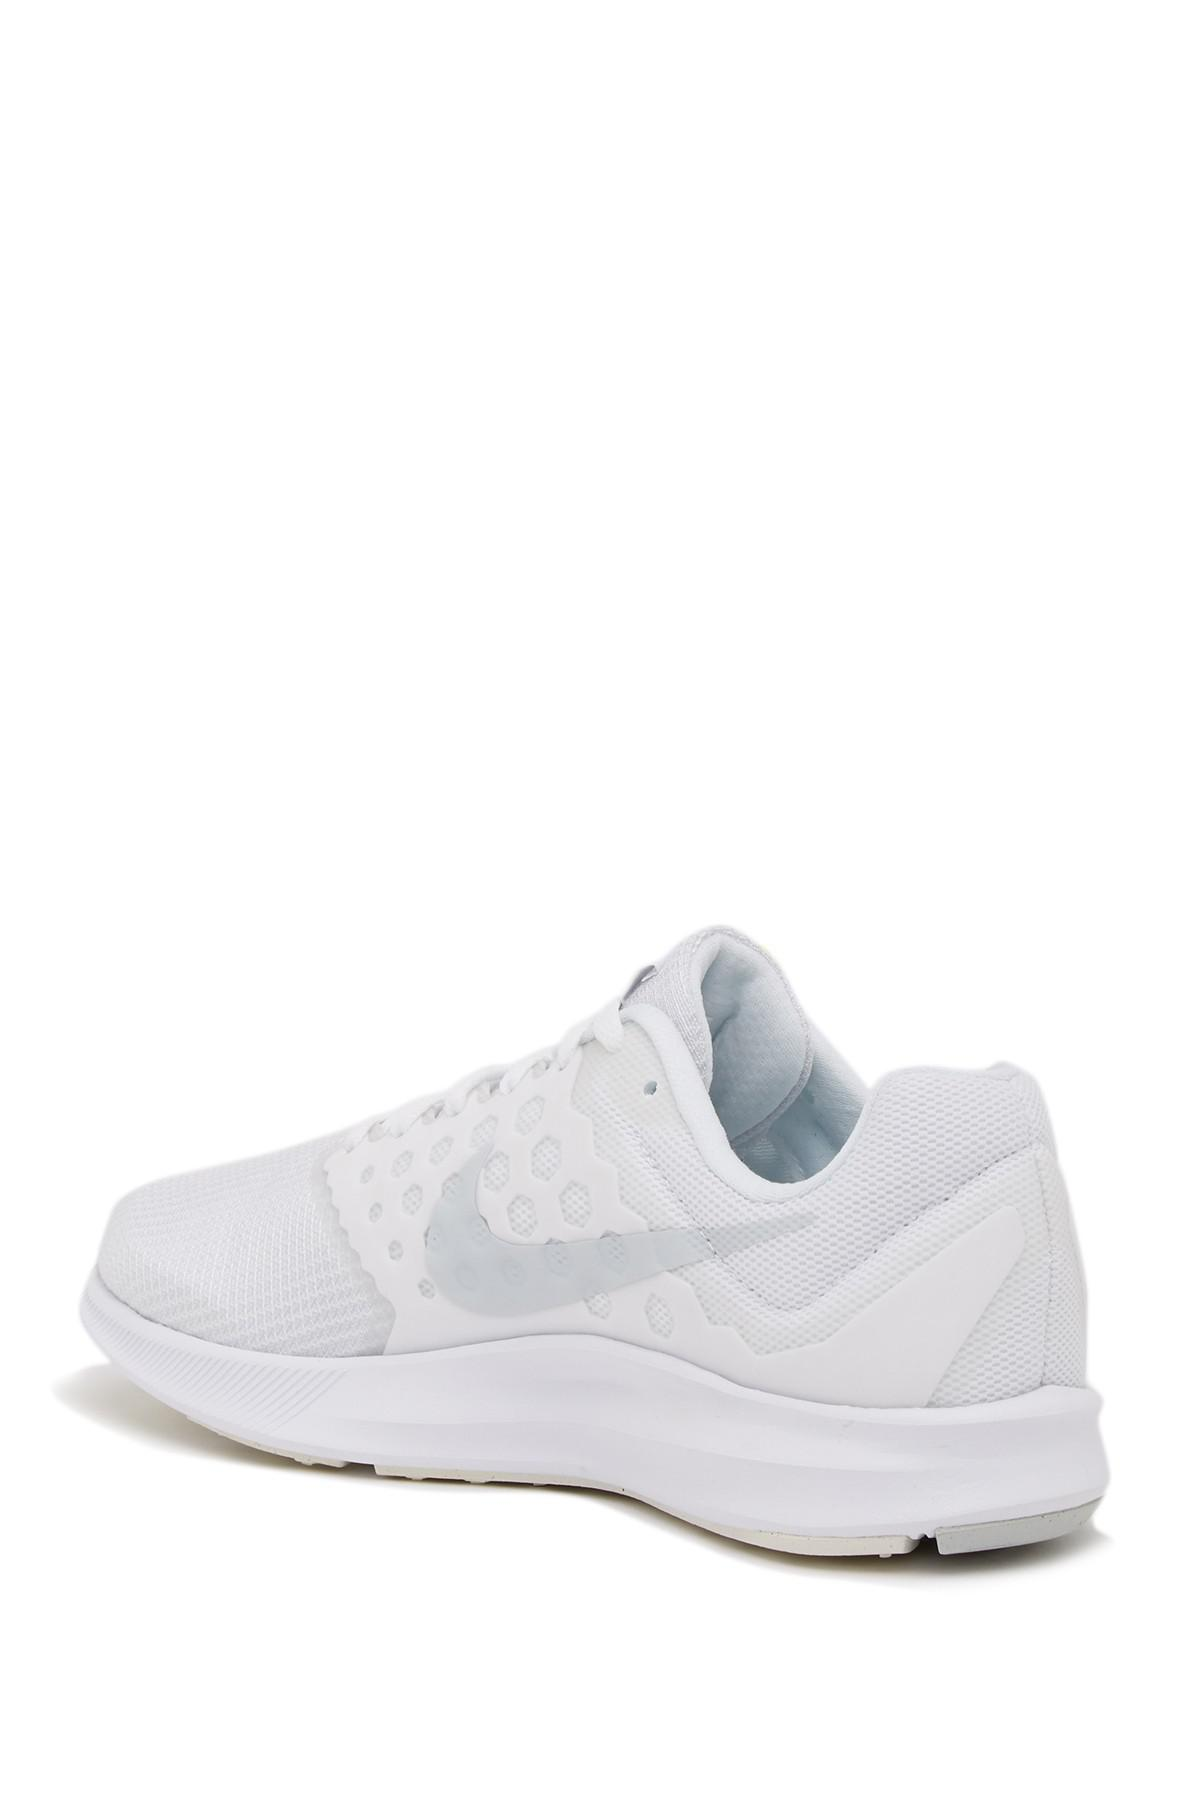 2690e7514d23 Nike - White Downshifter 7 Mesh Running Shoe for Men - Lyst. View fullscreen